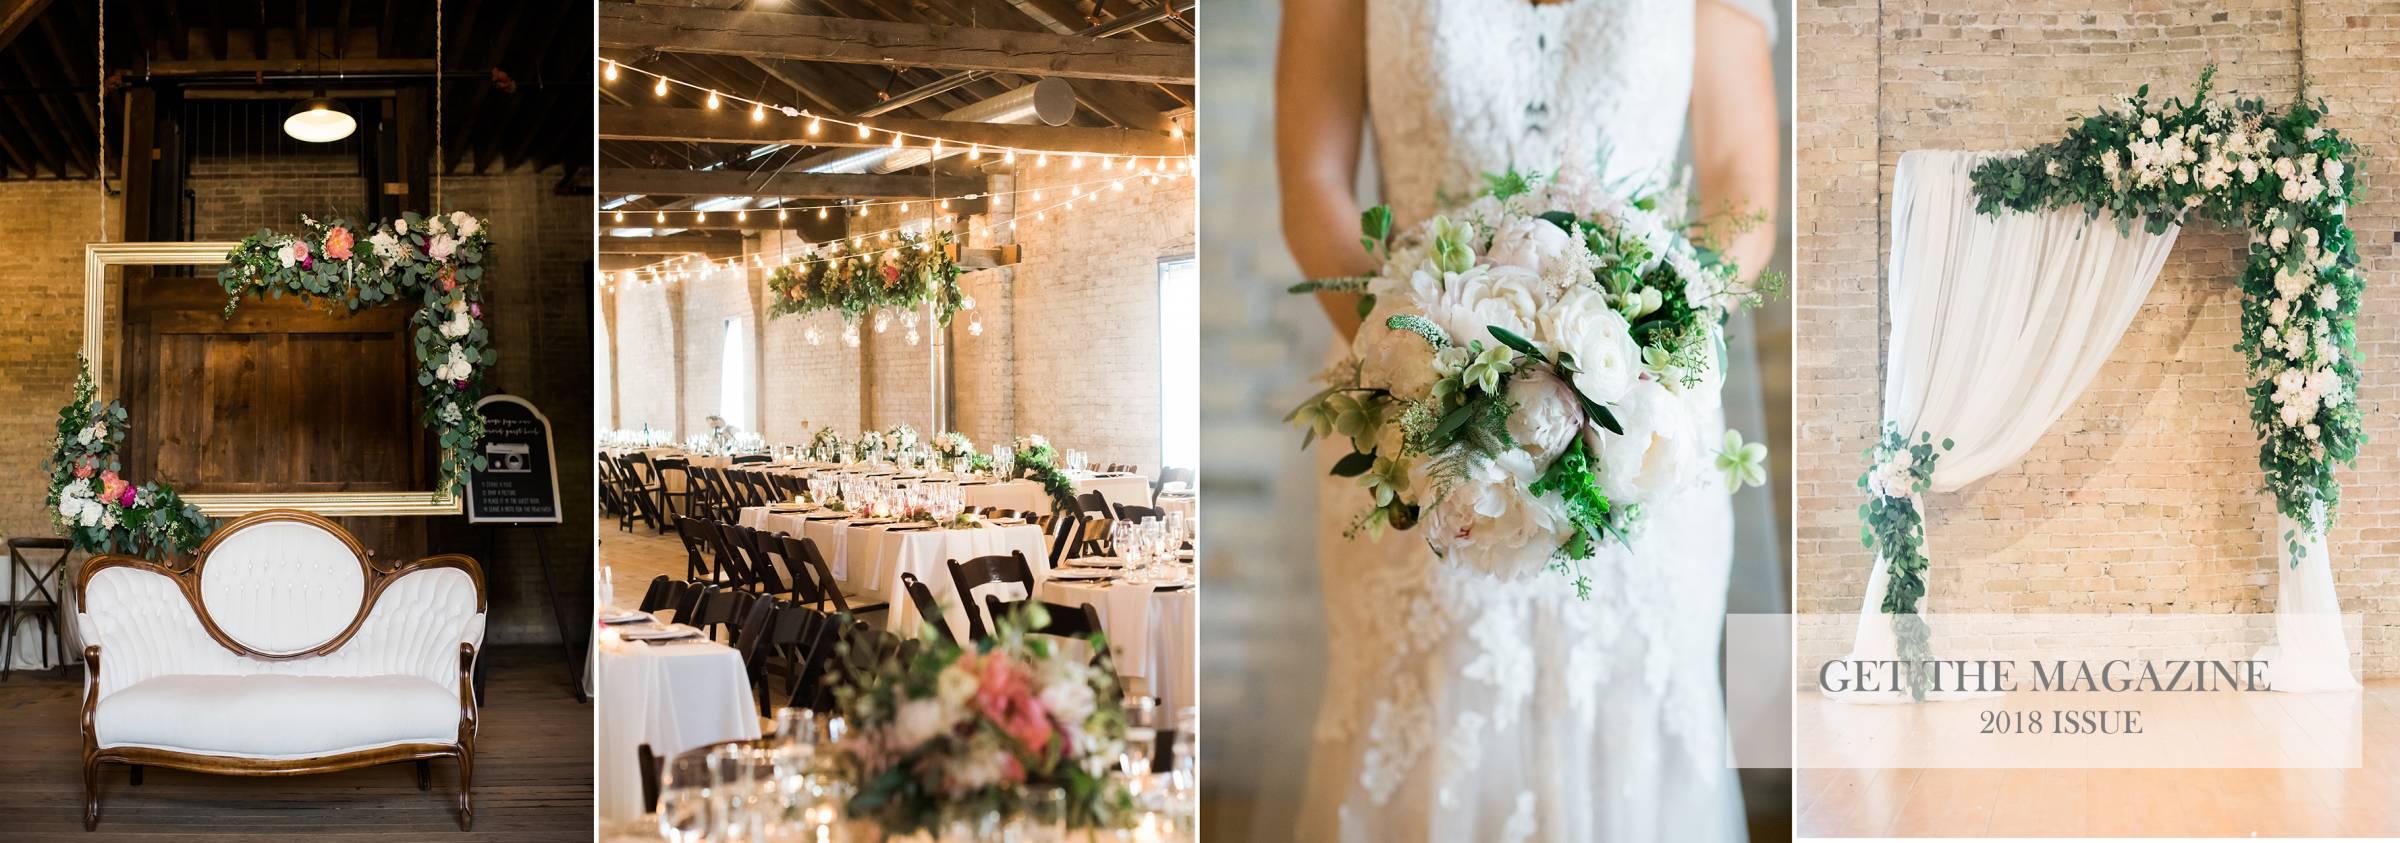 Wedding Planner Guide Wisconsin Wedding Magazine Blog